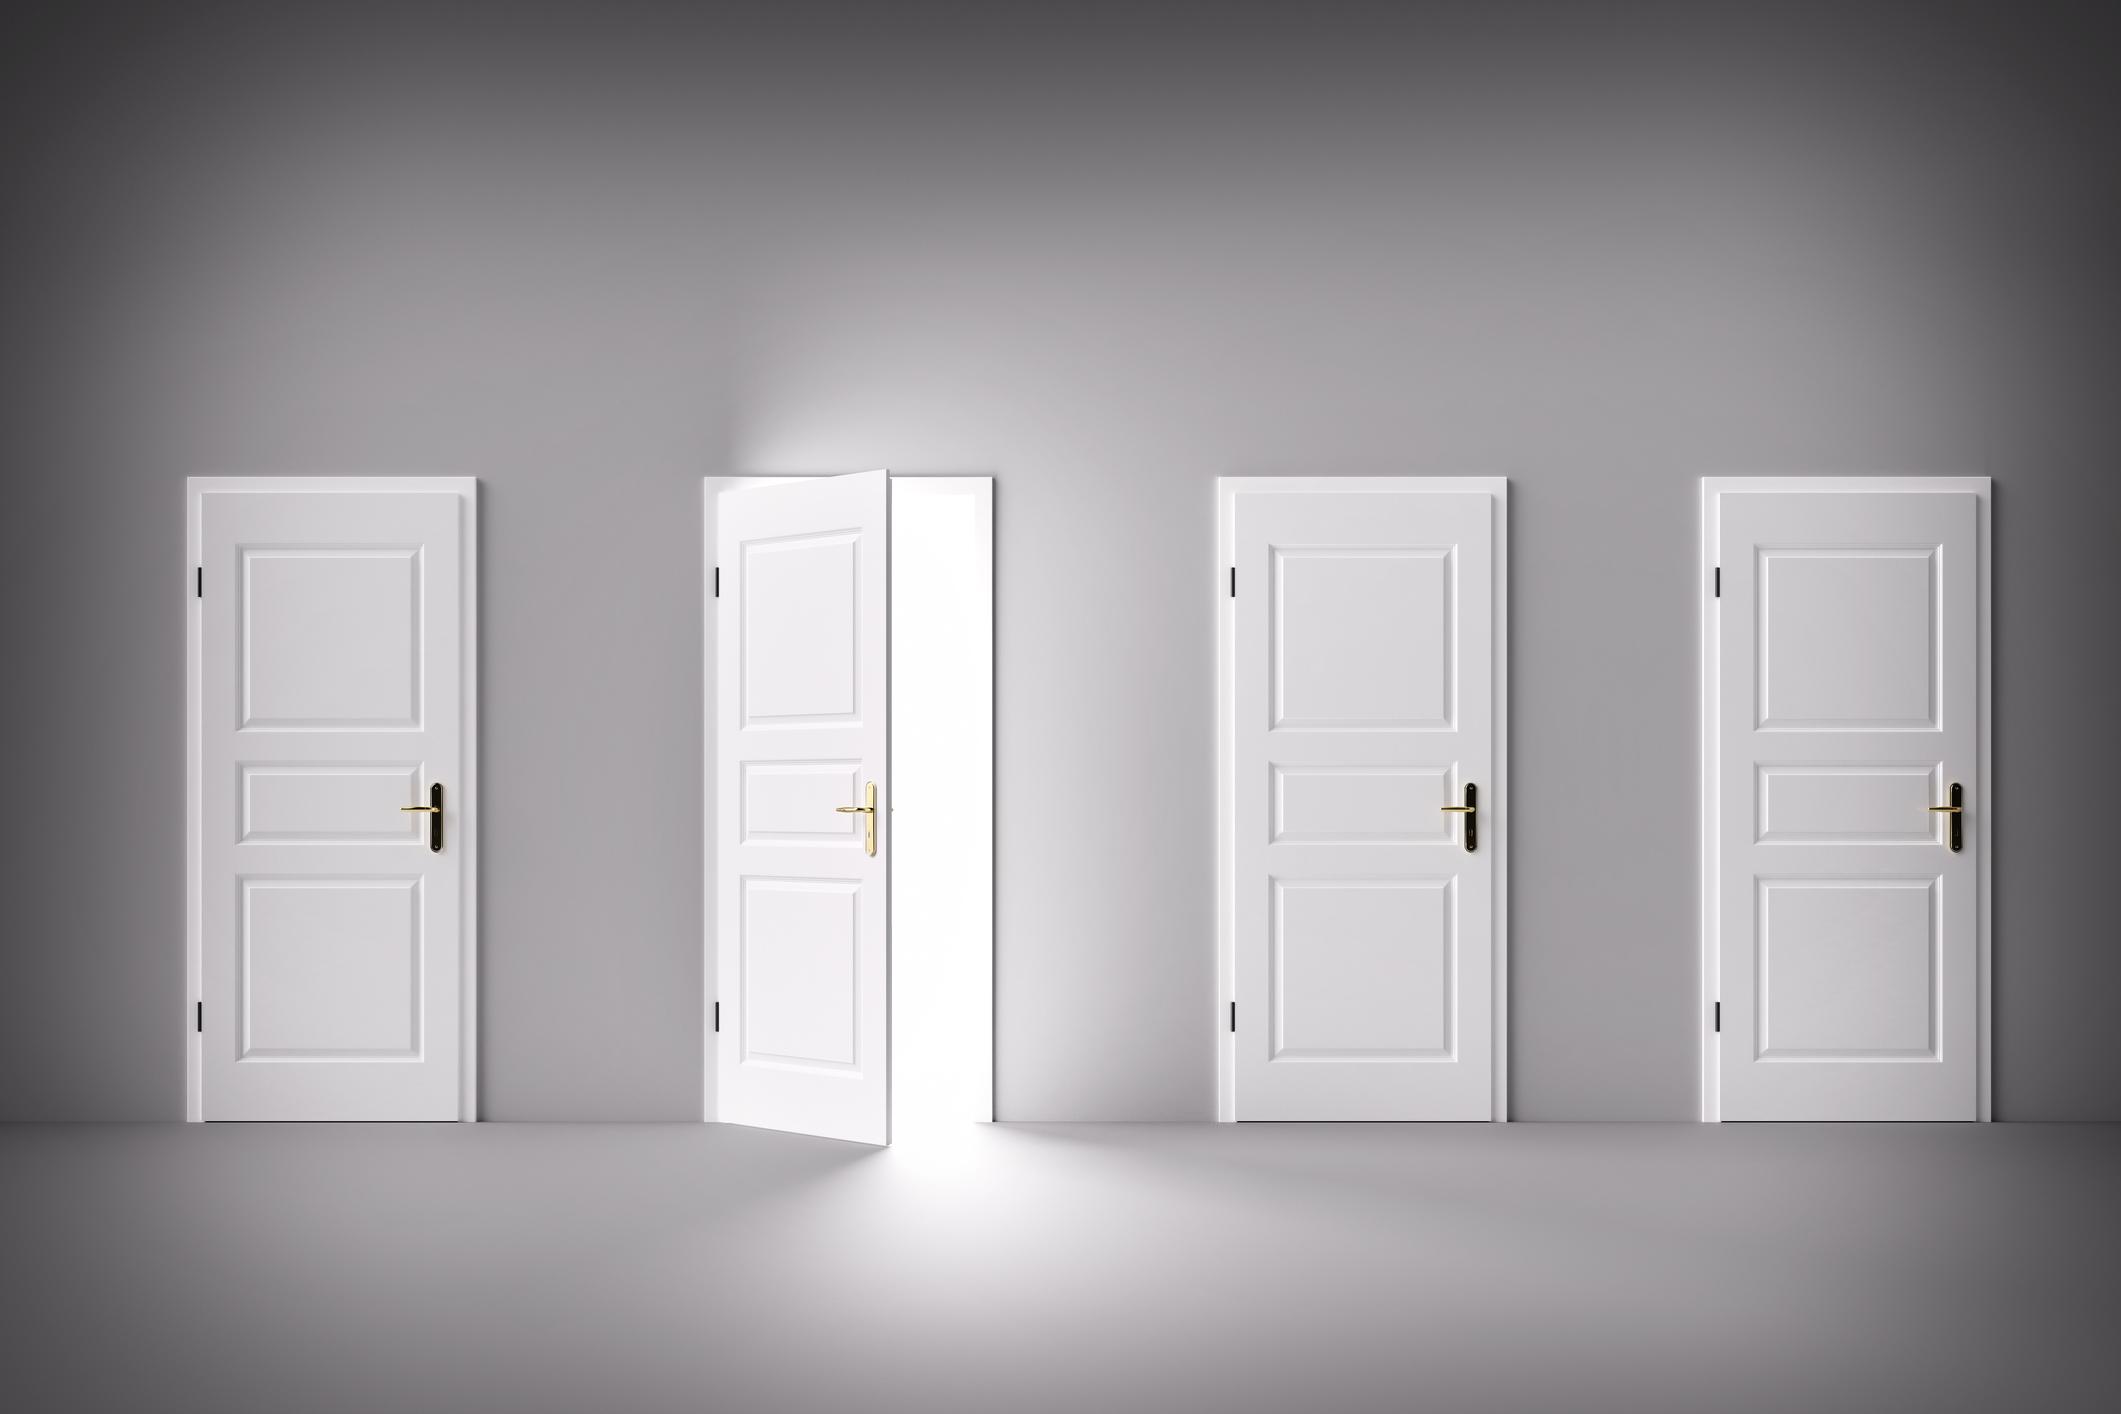 One door open in a series of closed doors